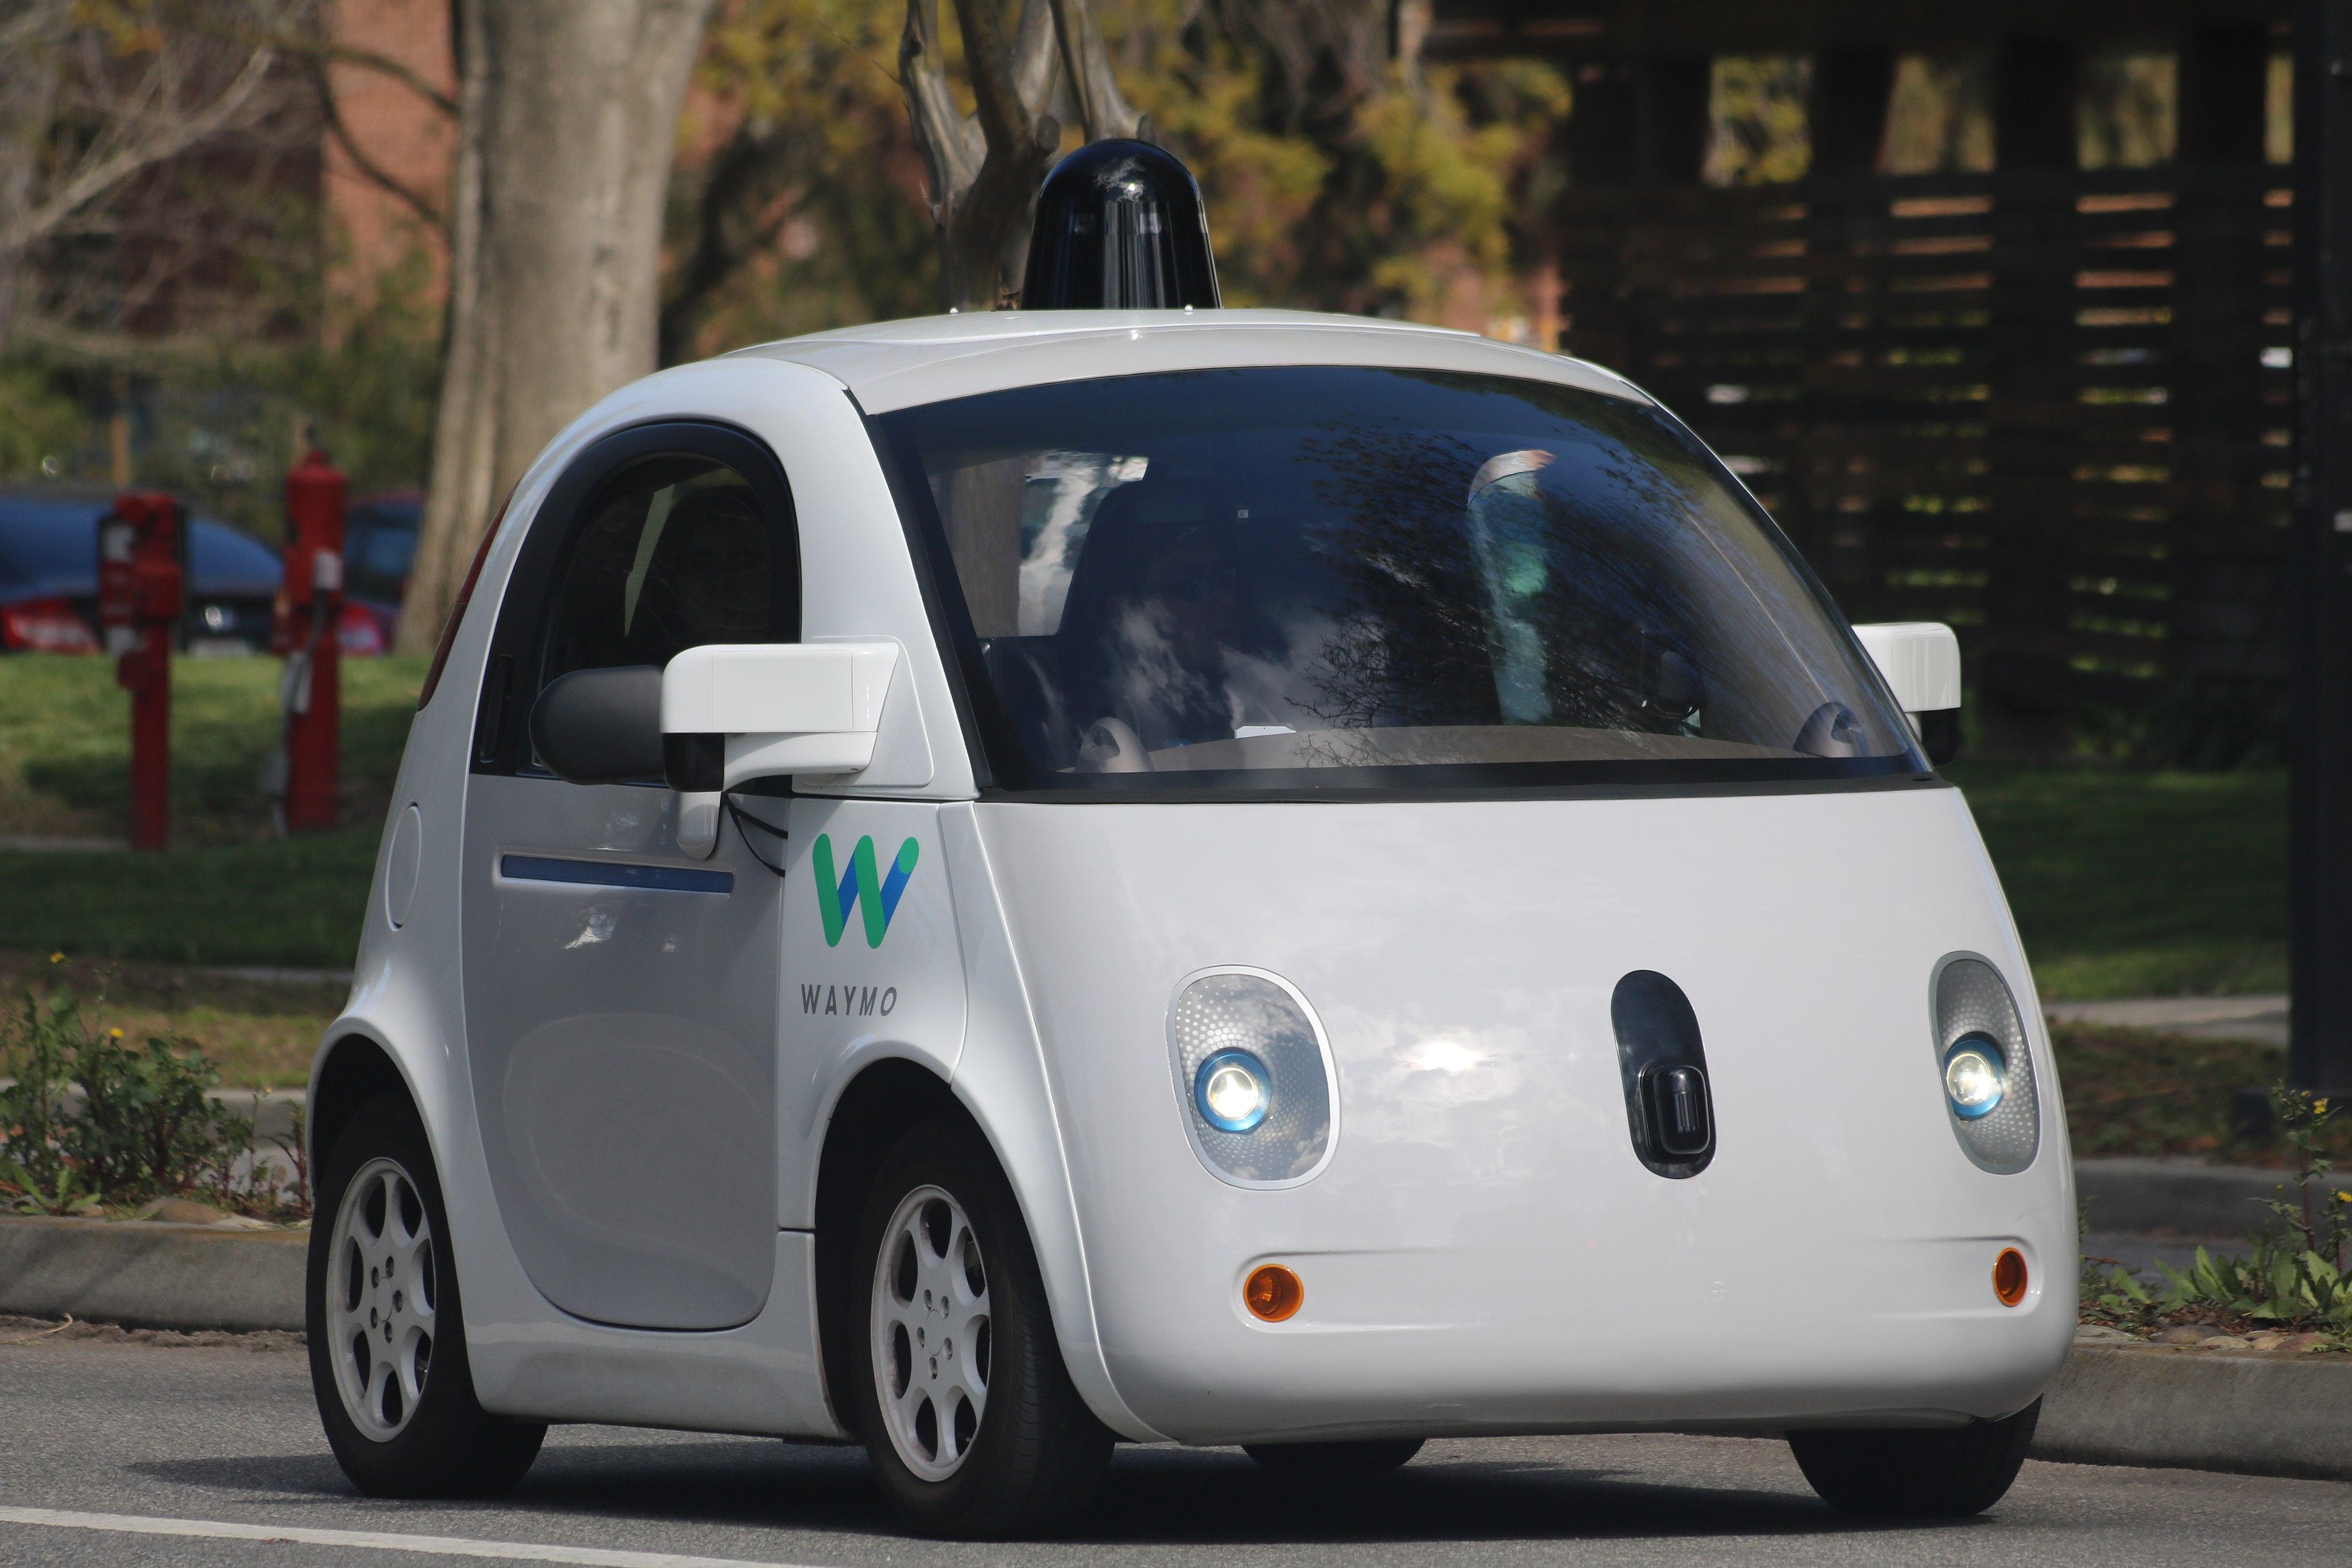 Voitures autonomes: Alphabet (Google) ne fait pas confiance à l'humain en cas de danger